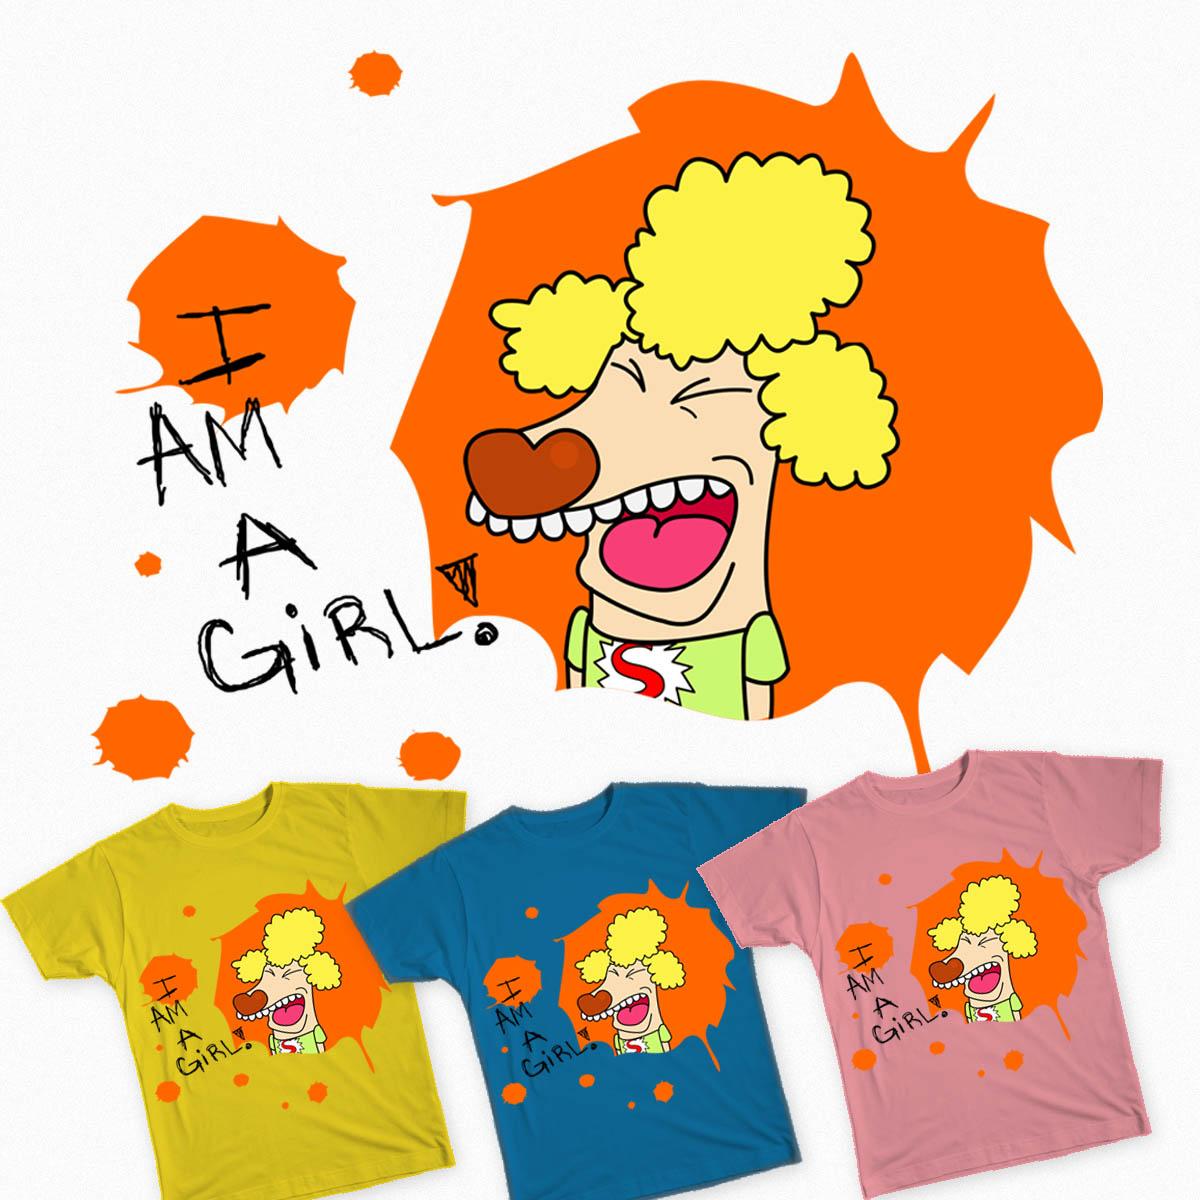 I AM A GiRL! by TeaTeasDesigns on Threadless